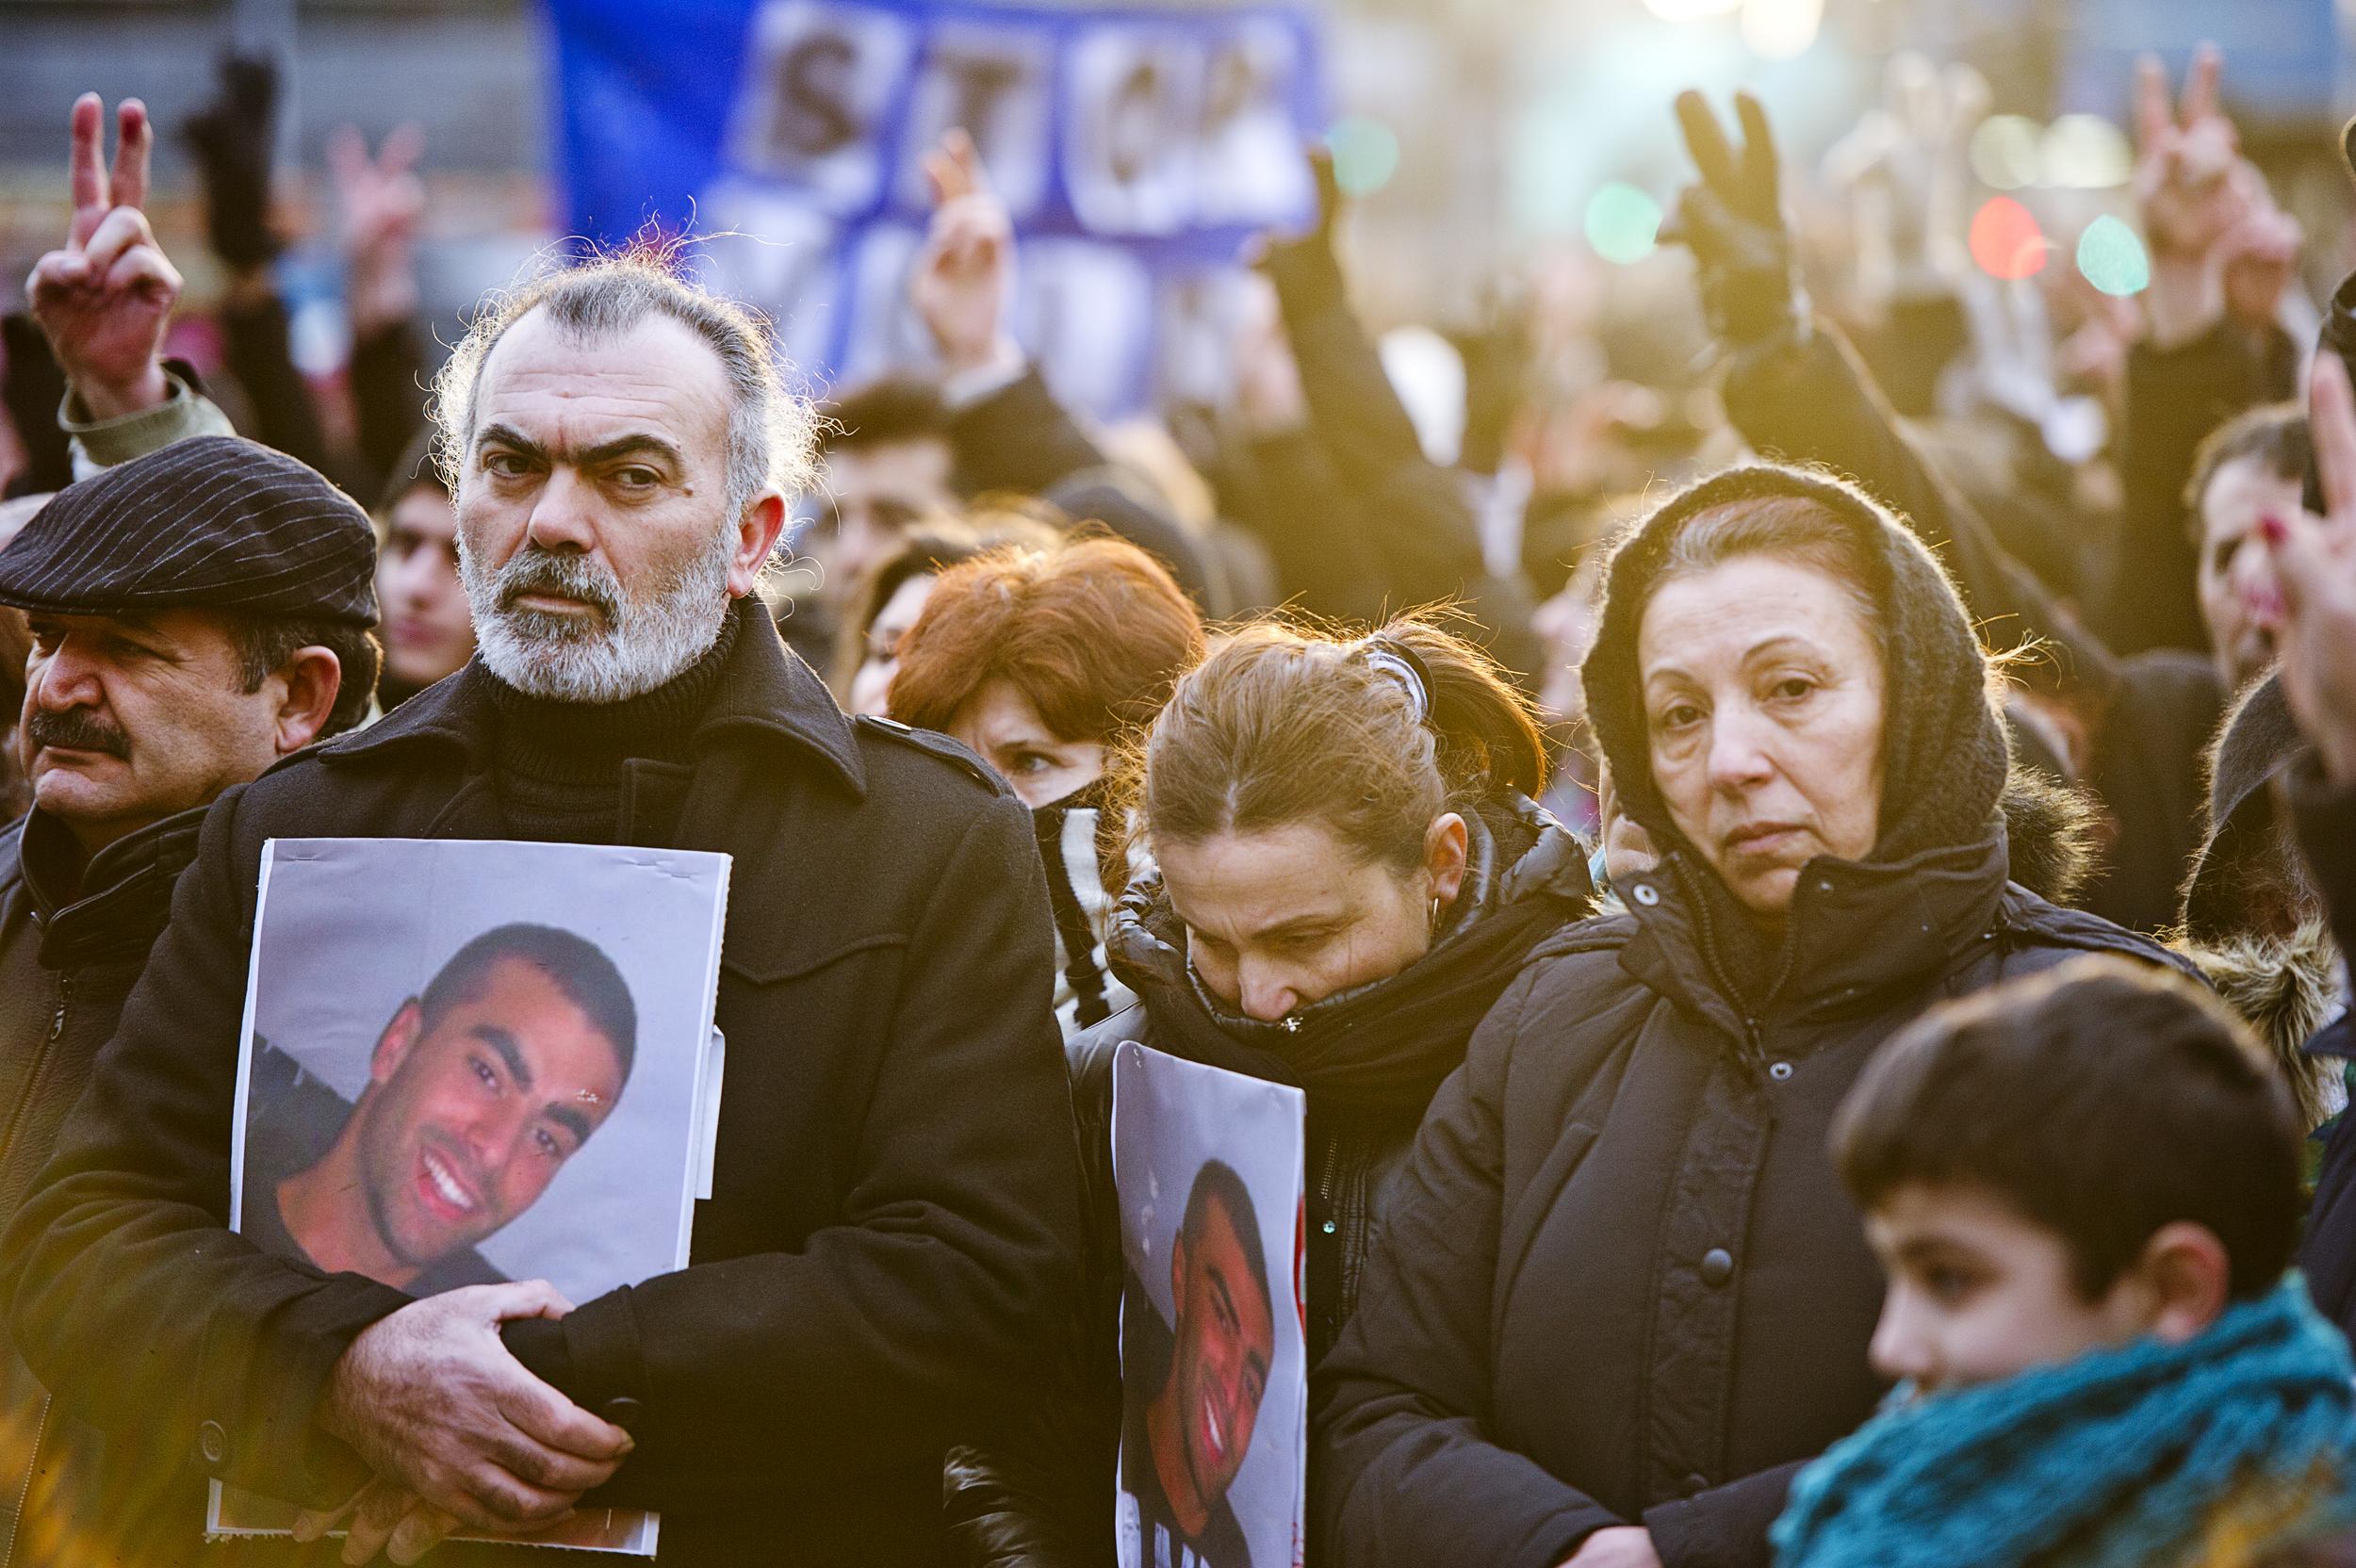 Fredsmarch som reaktion på drabet på den 21-årige Cem Aydin